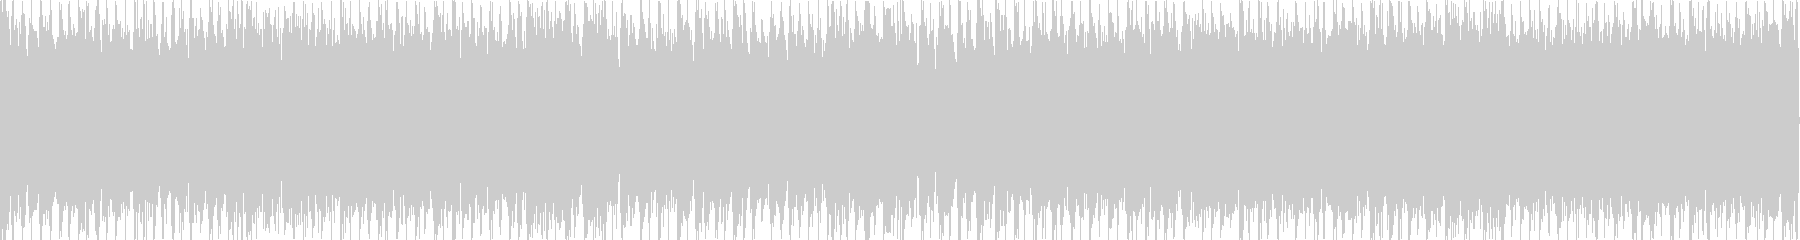 ループ用シューベルト「楽興の時」ロックの未再生の波形